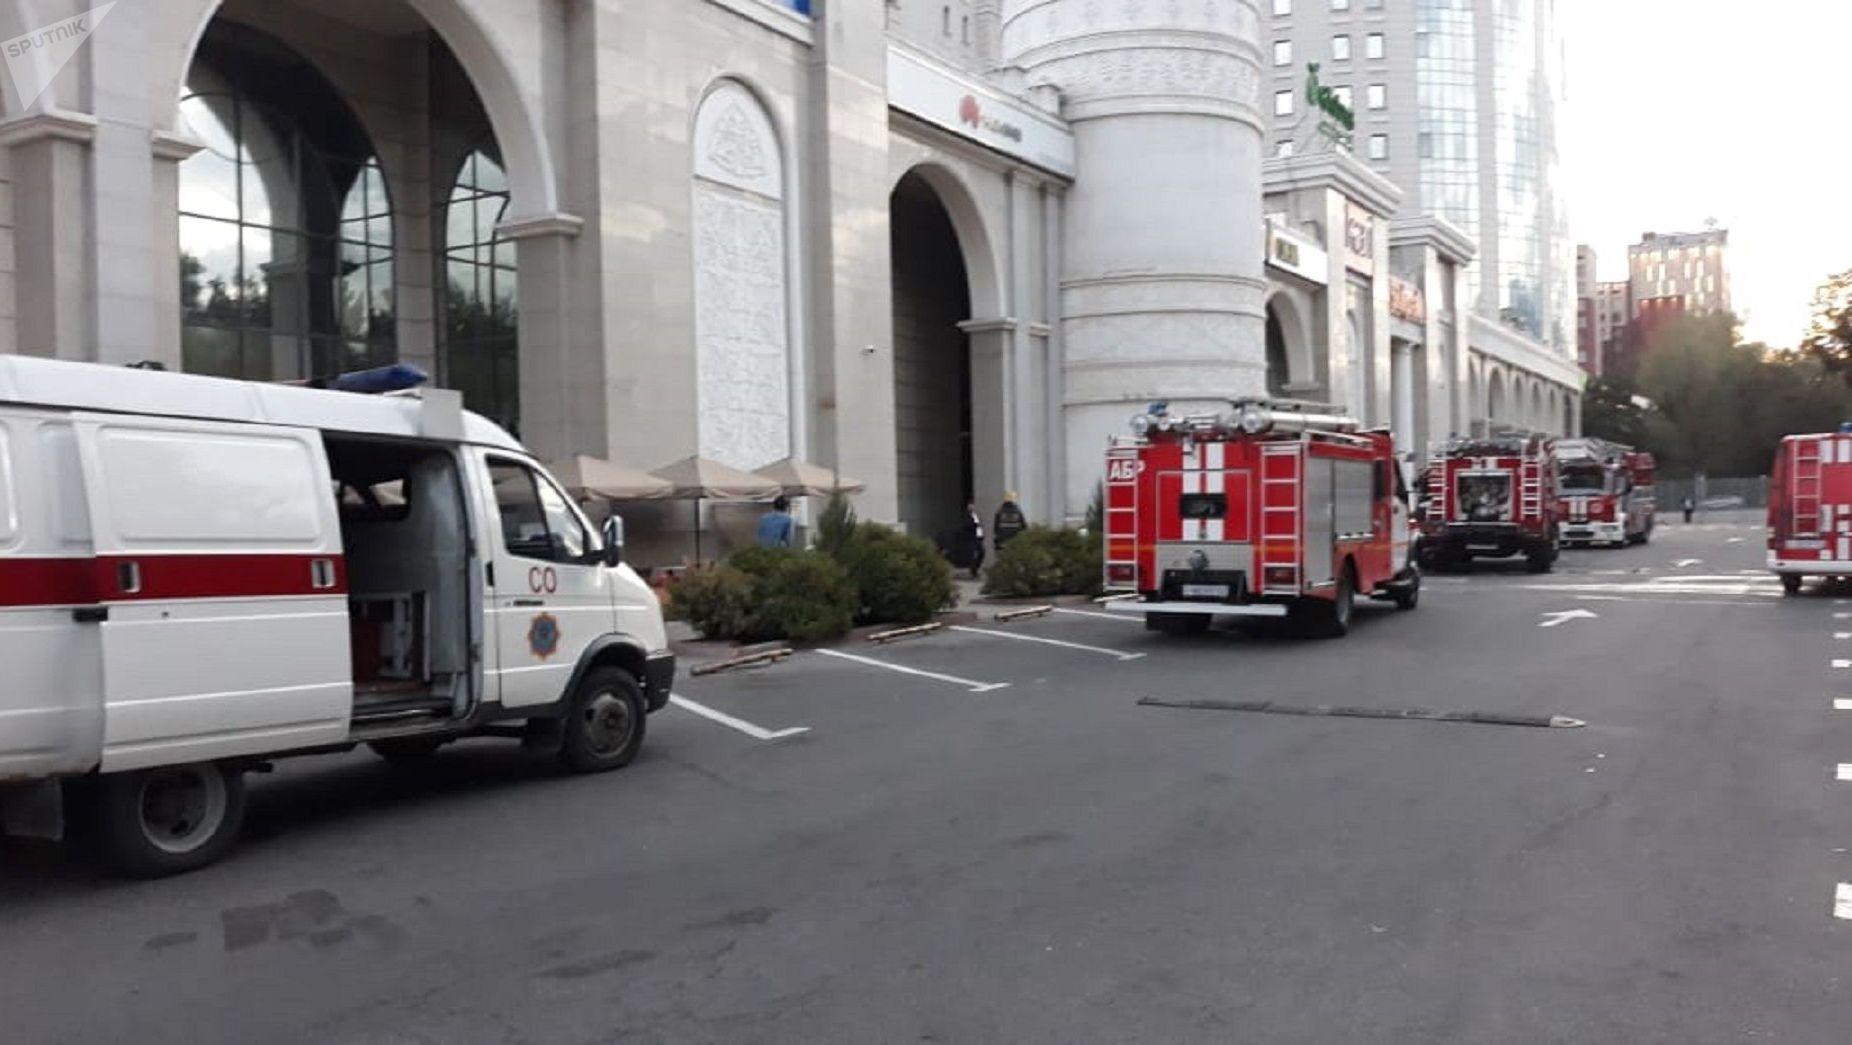 Пожарные прибыли по повышенному номеру вызова